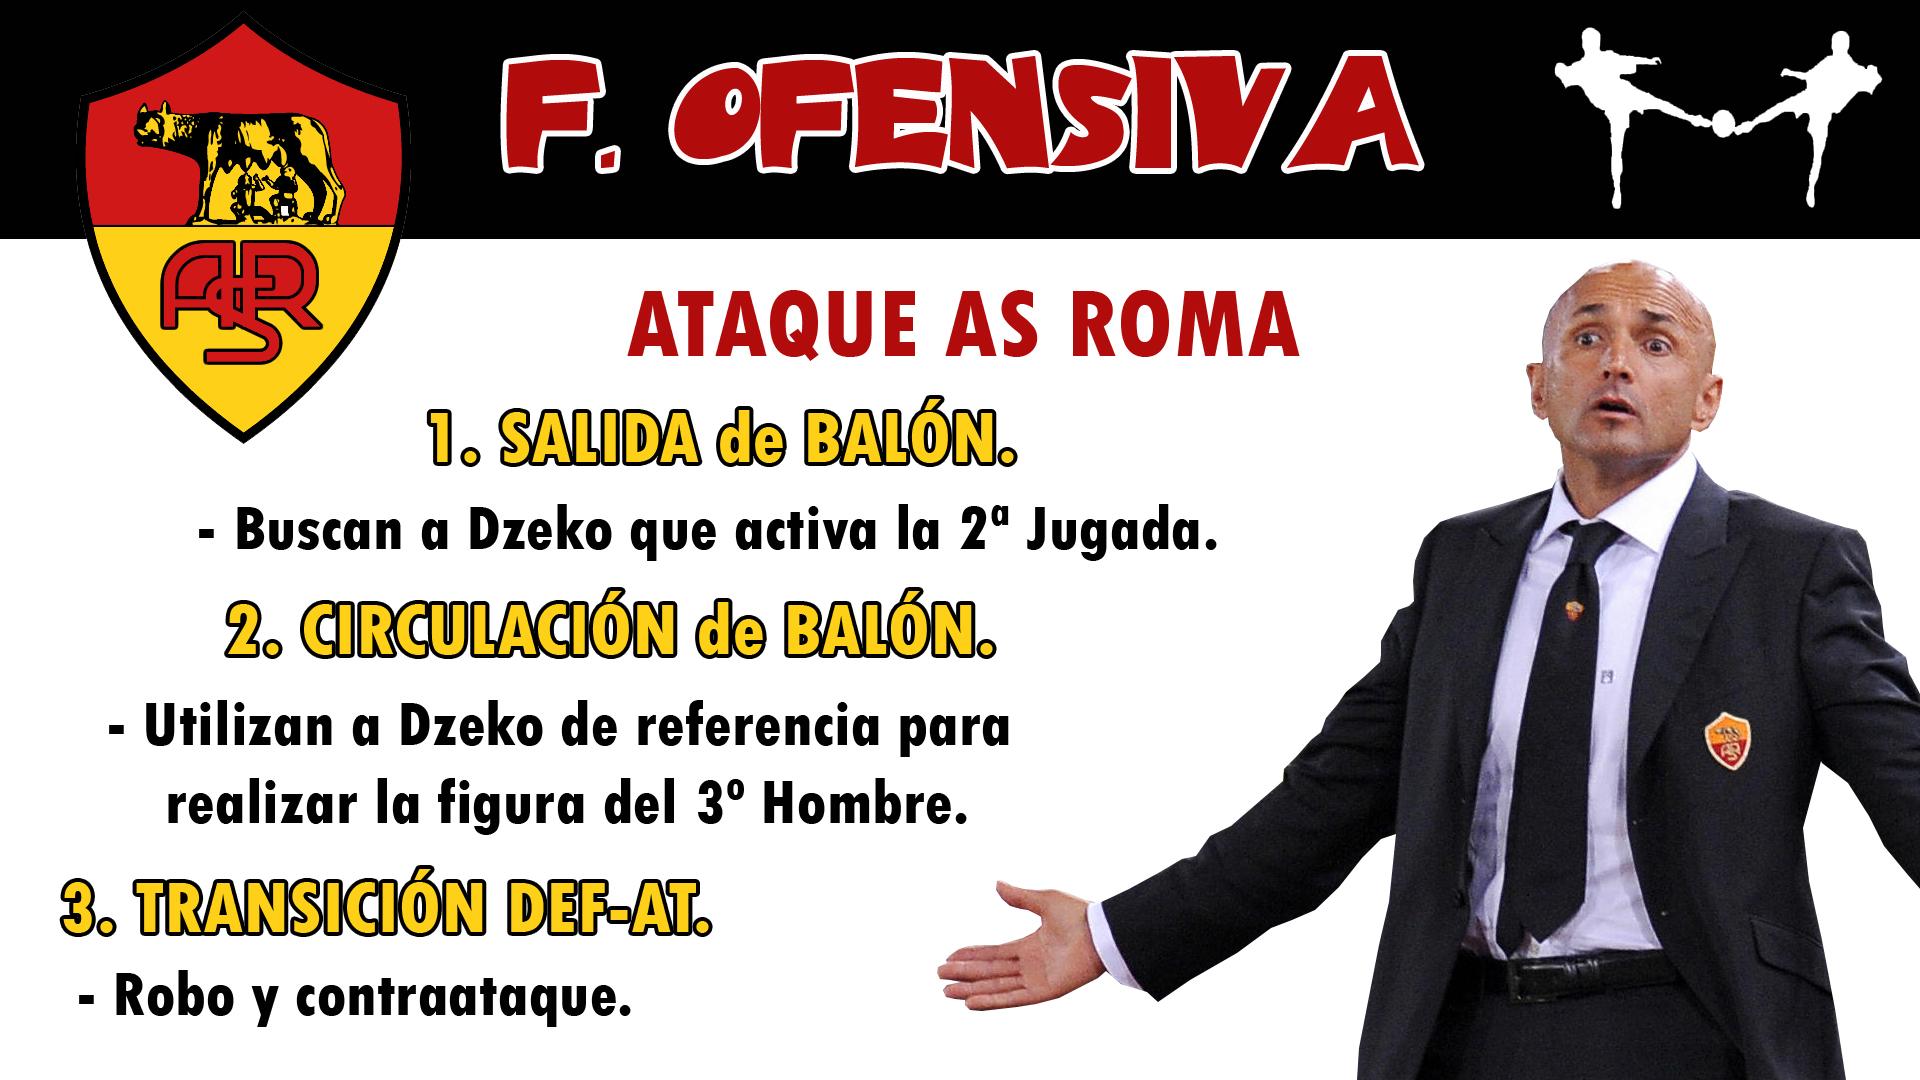 futbolcarrasco roma as perotti spalletti calcio italia ofensiva entrenadores